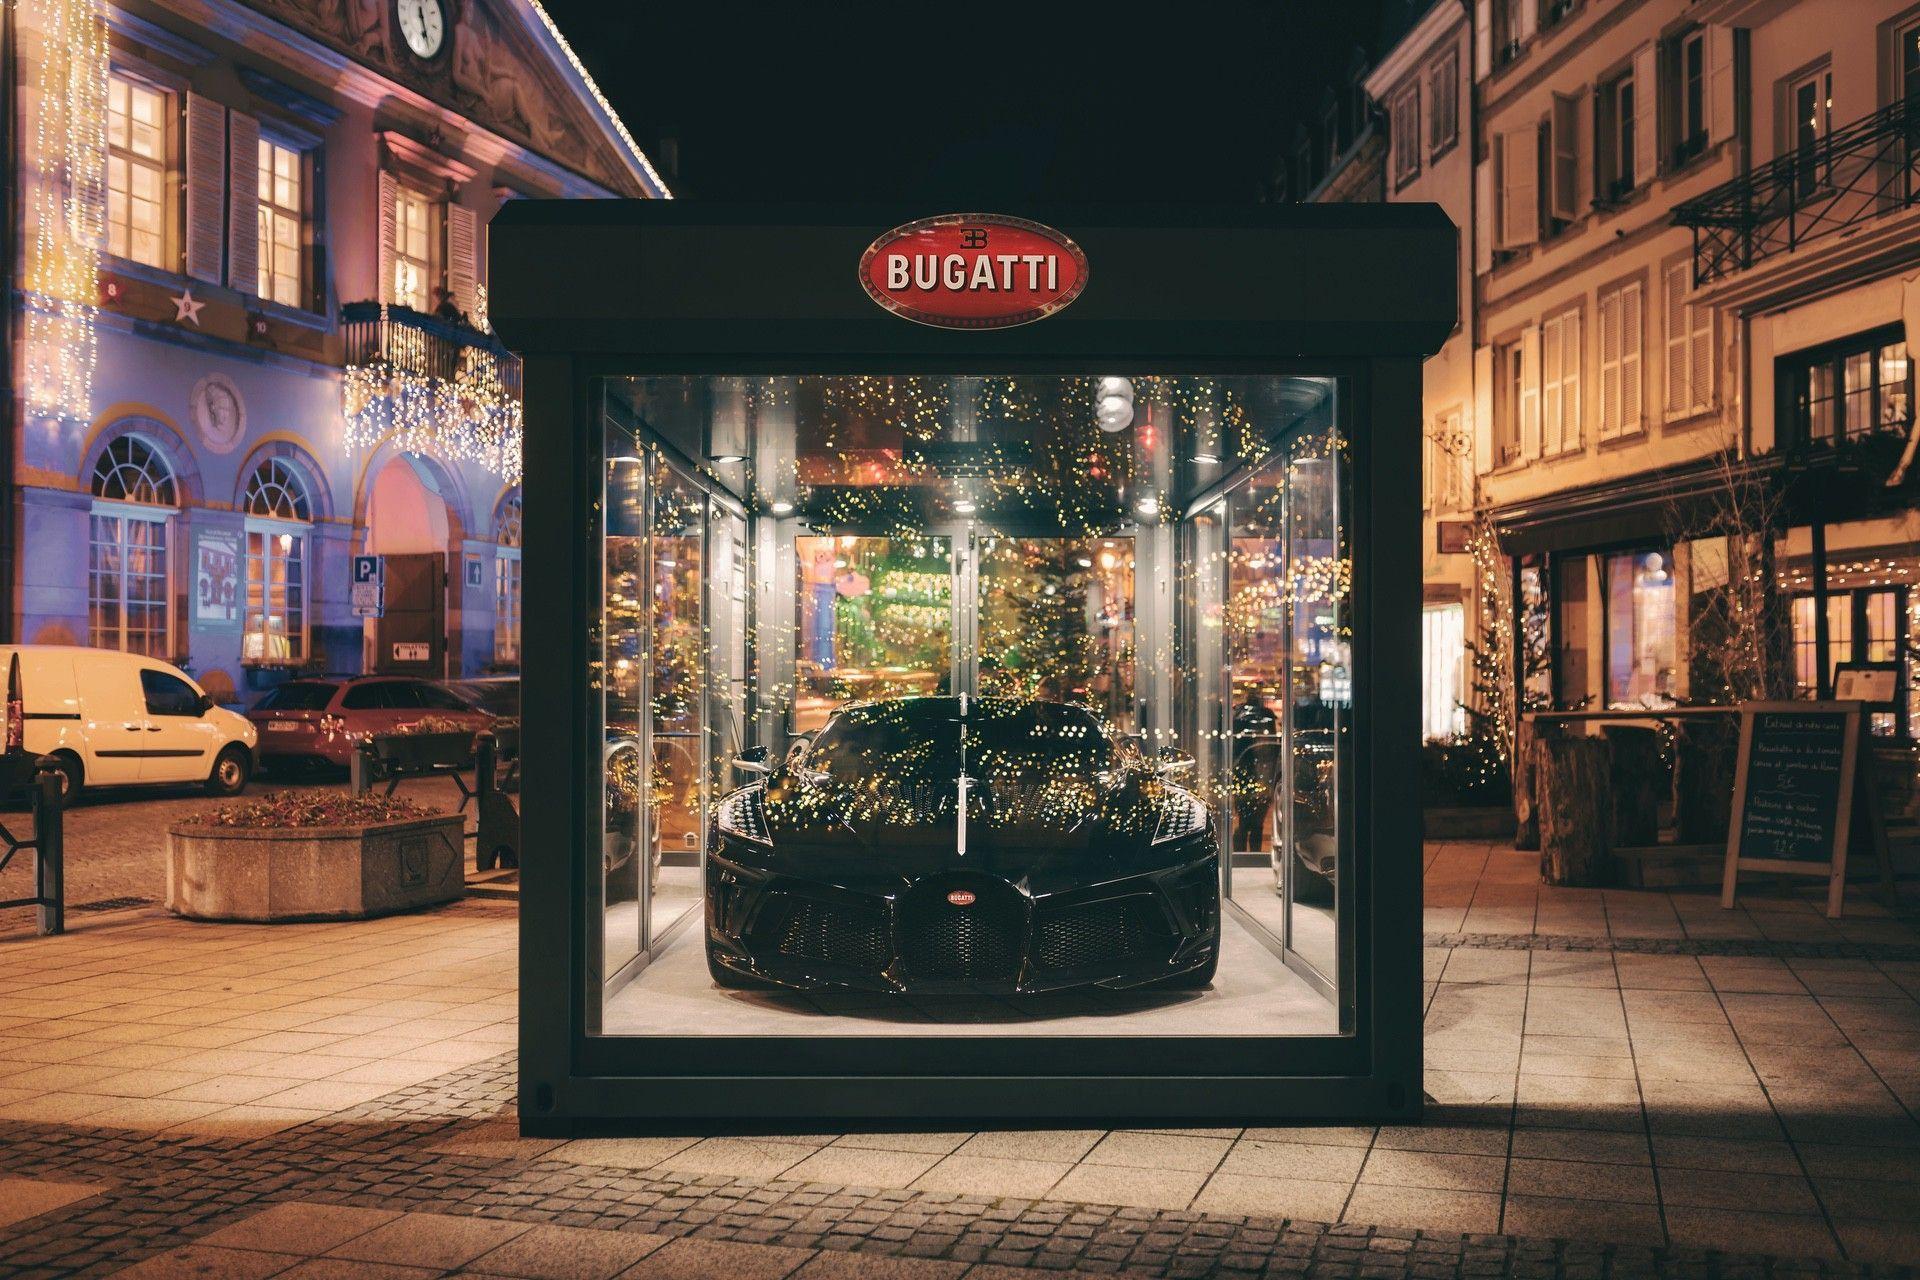 Bugatti_La_Car_Noire_Molsheim_0000